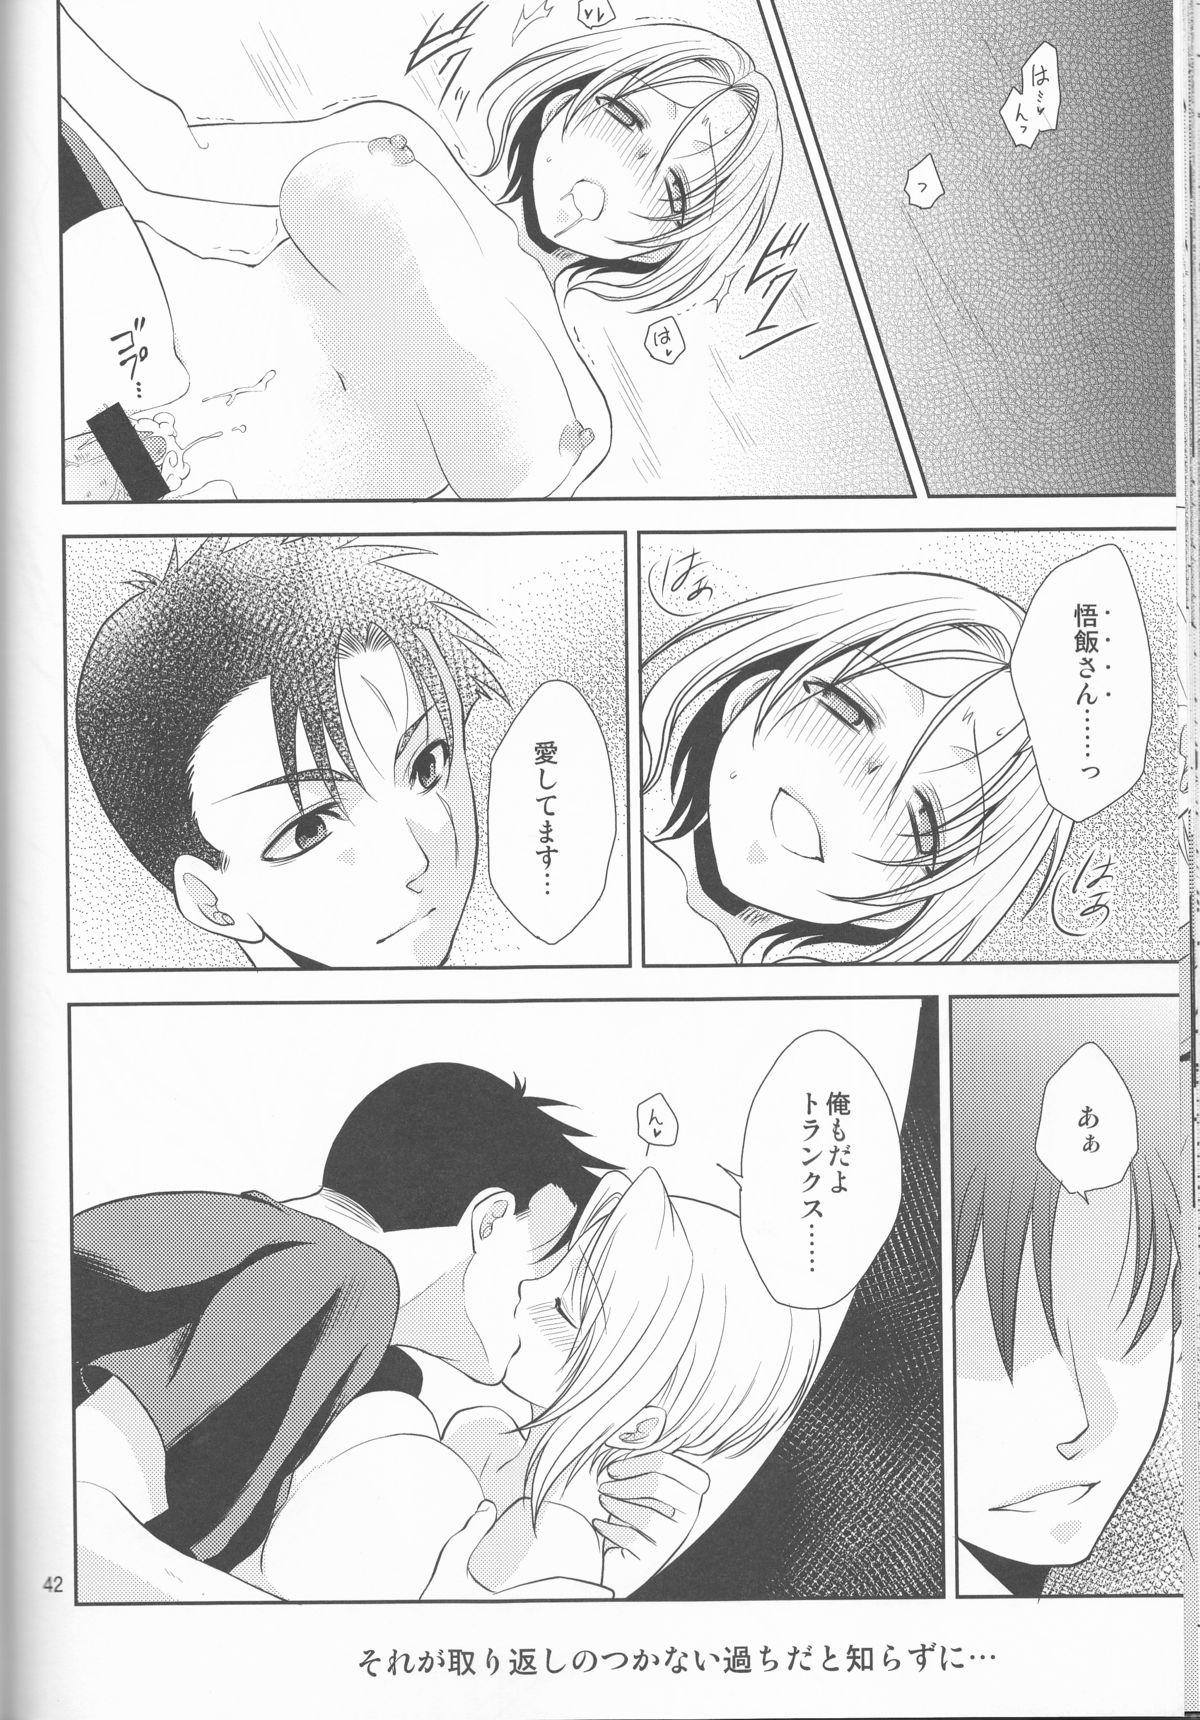 Soshite Boku wa Sono Suisen ni Miirareta. 41